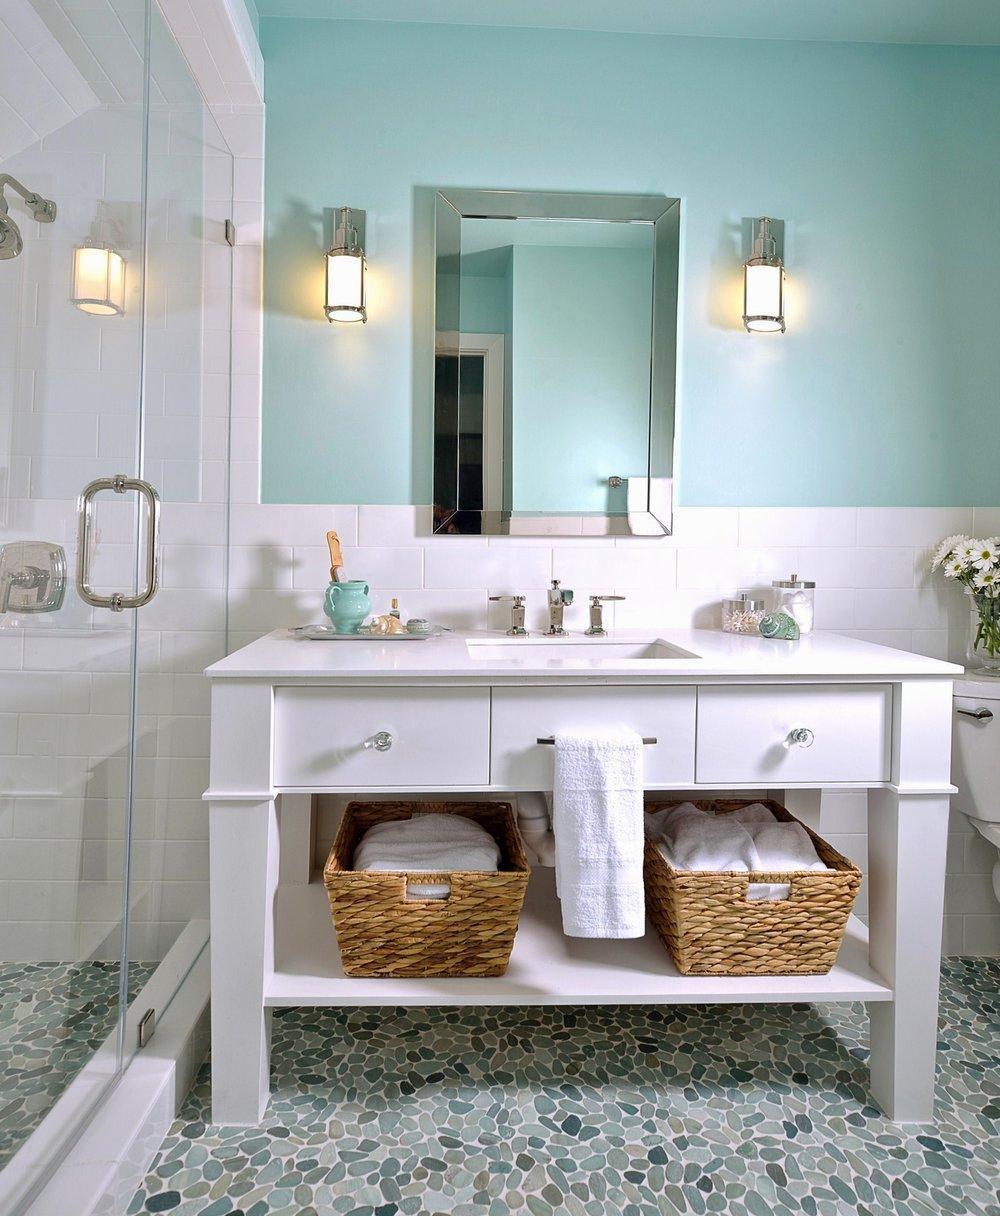 Girlu0027s bathroom with subway tile walls